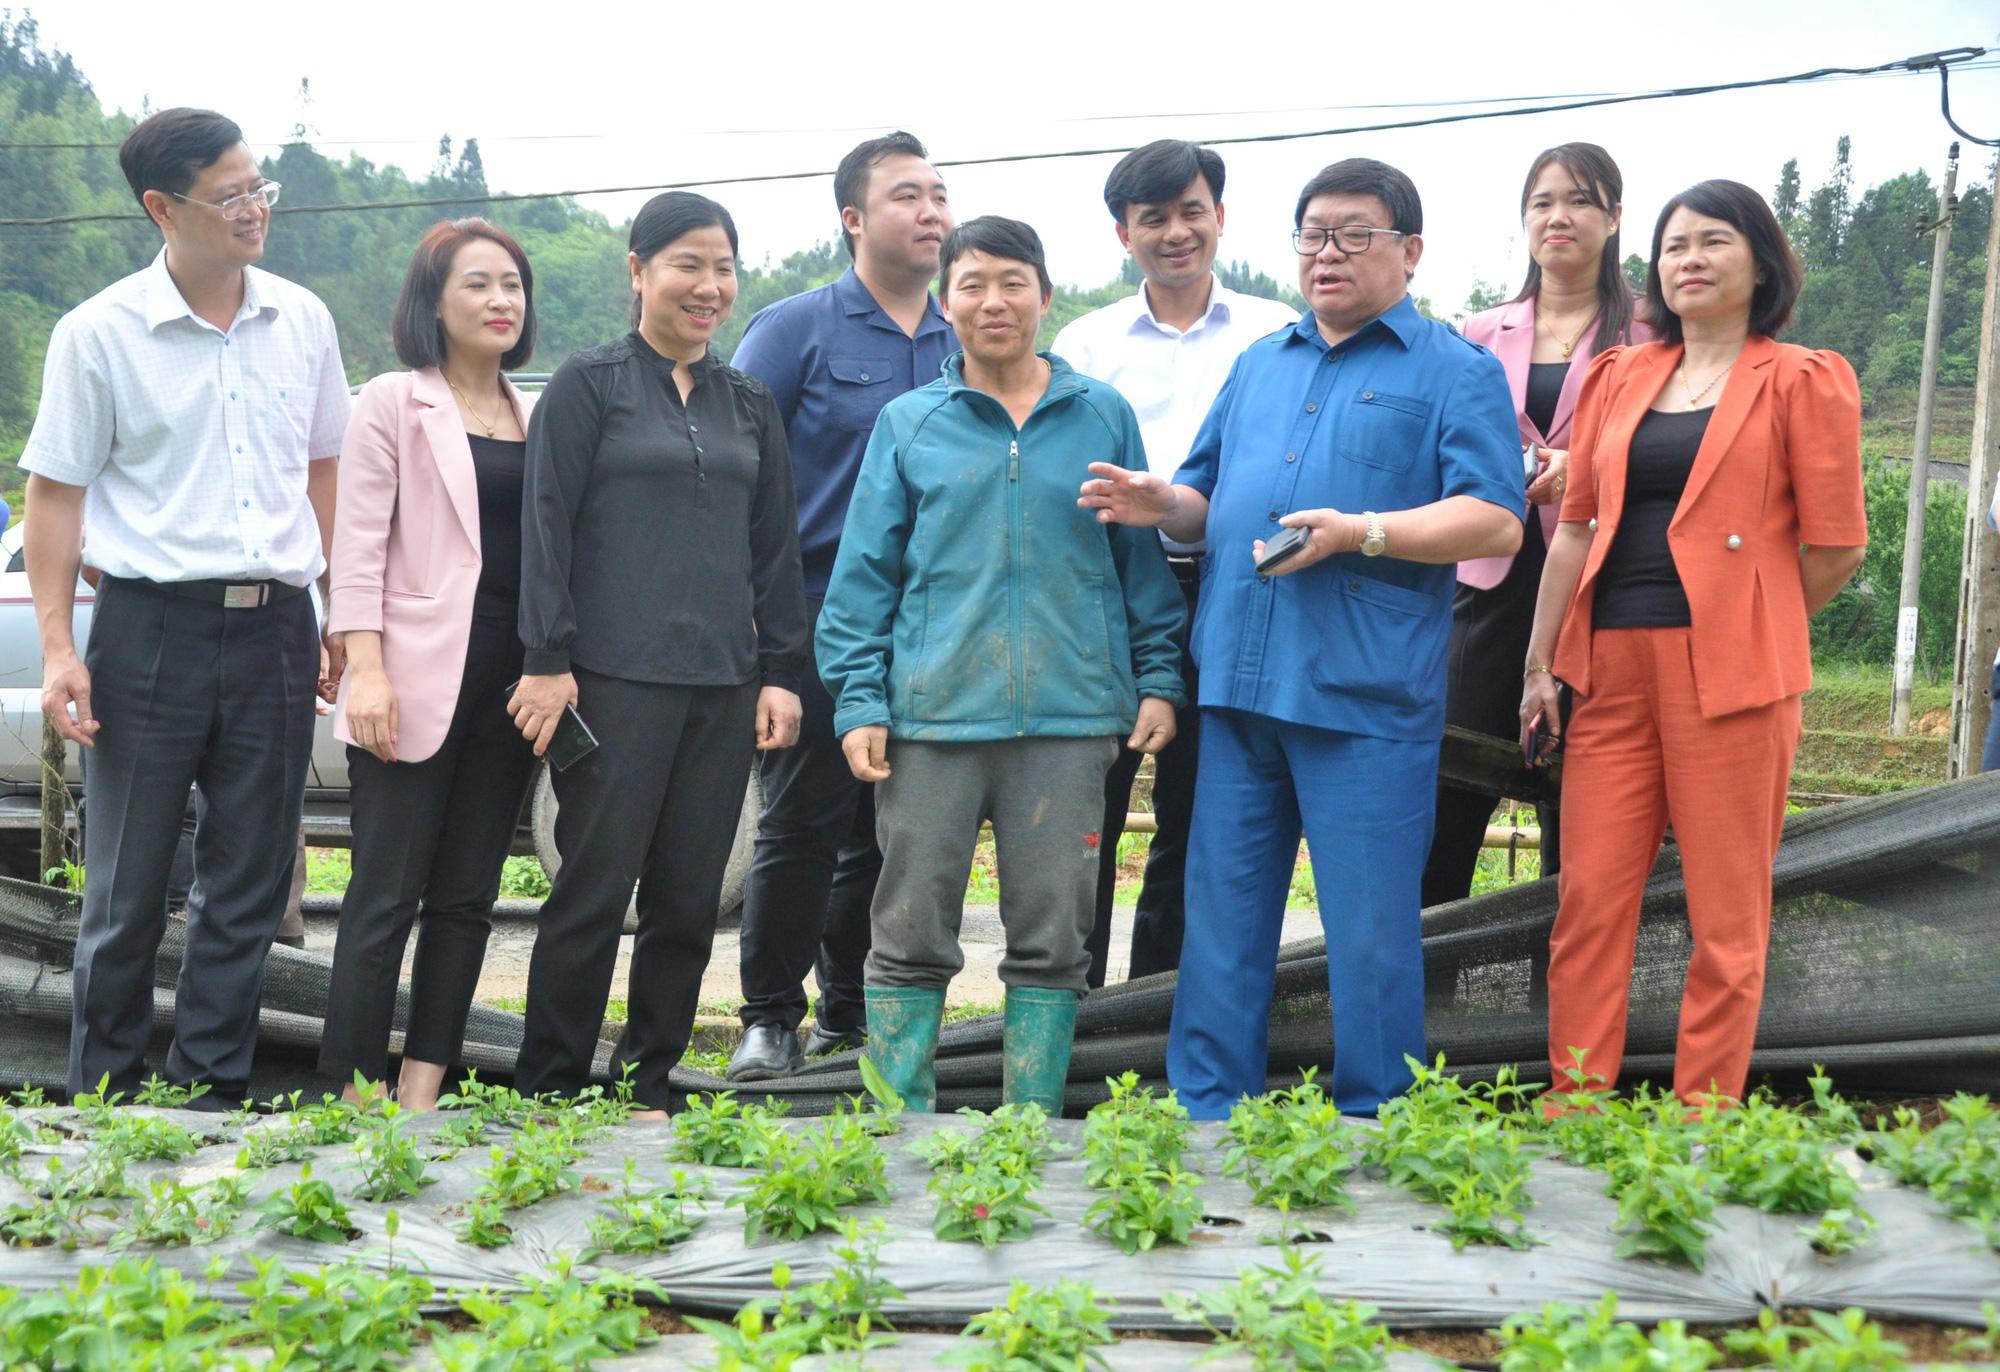 """Chủ tịch Hội Nông dân Việt Nam thăm """"đại bản doanh"""" con đặc sản thu 10 tỷ đồng mỗi năm ở Bắc Hà - Ảnh 1."""